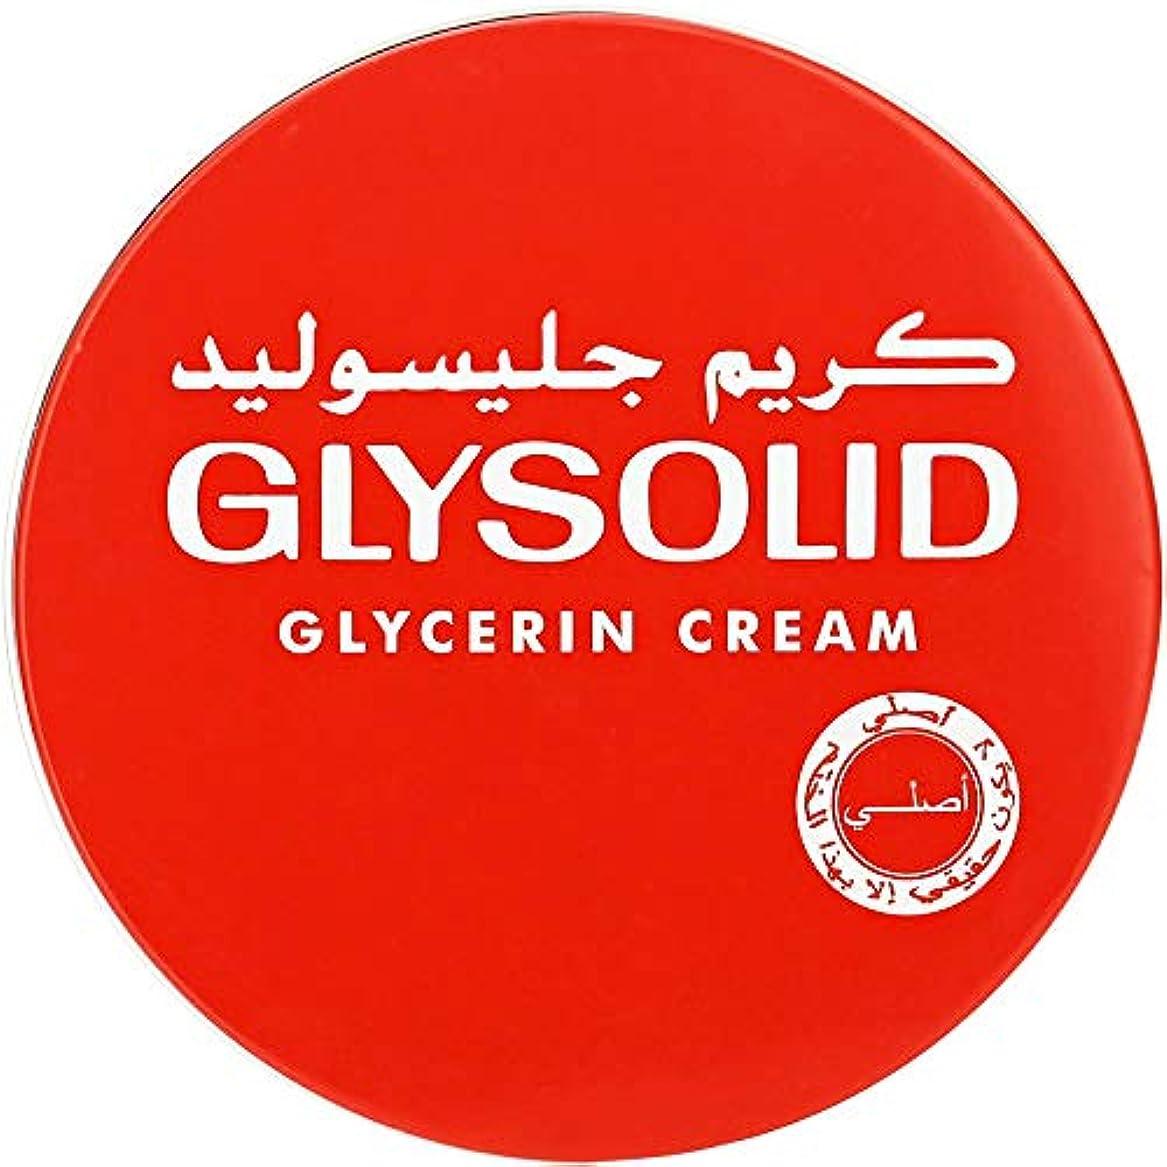 挑発する永続シュガーGlysolid Cream Face Moisturizers For Dry Skin Hands Feet Elbow Body Softening With Glycerin Keeping Your Skin...